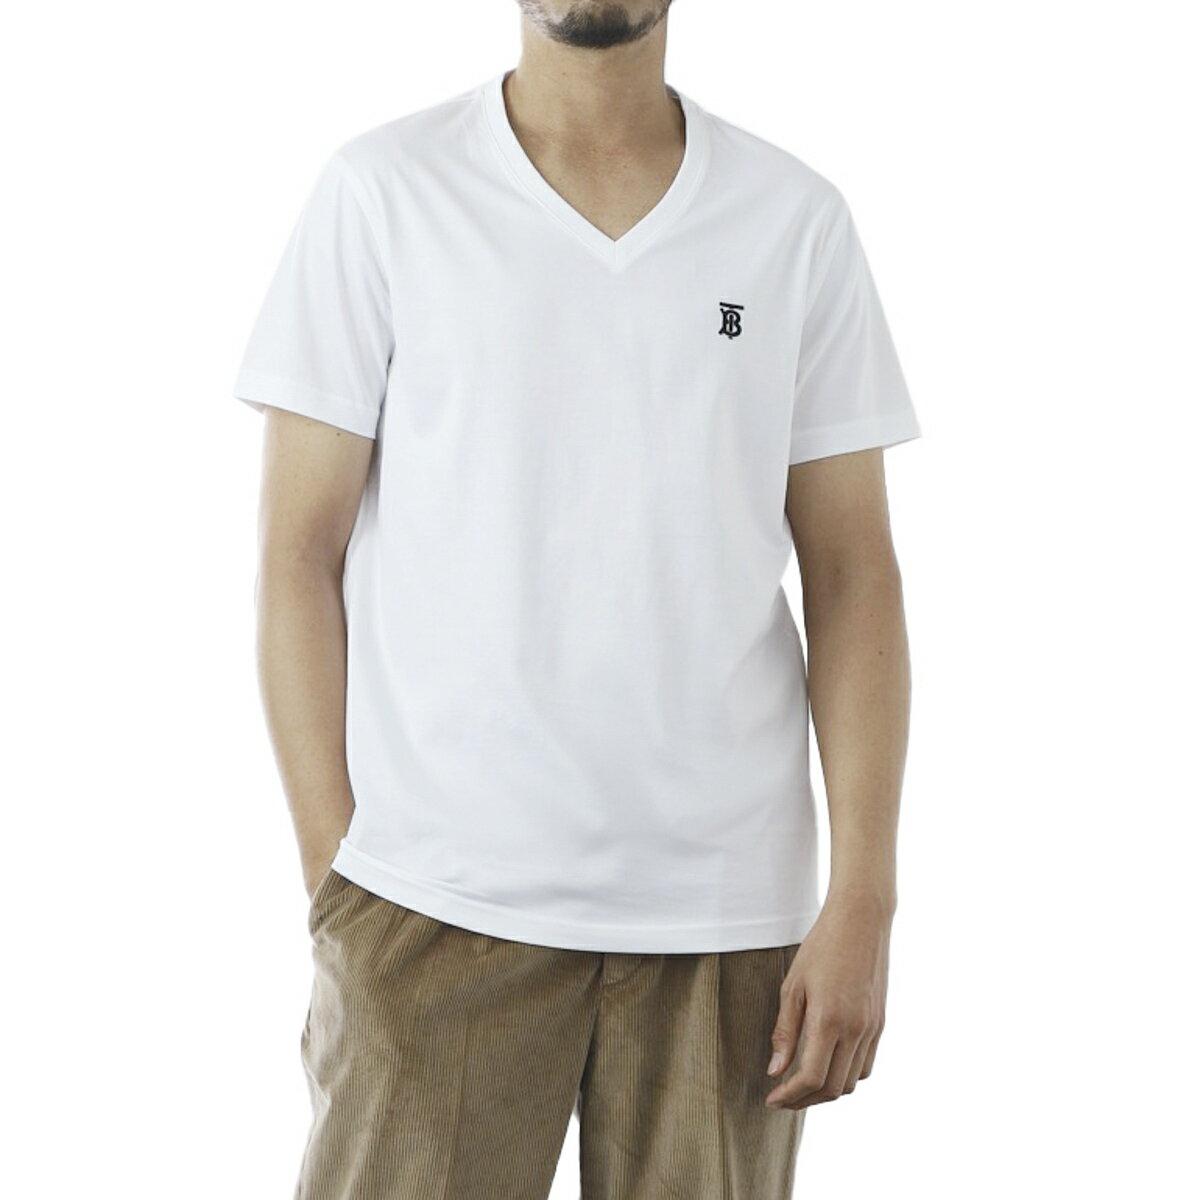 トップス, Tシャツ・カットソー  BURBERRY V T 8017258 white MARLET